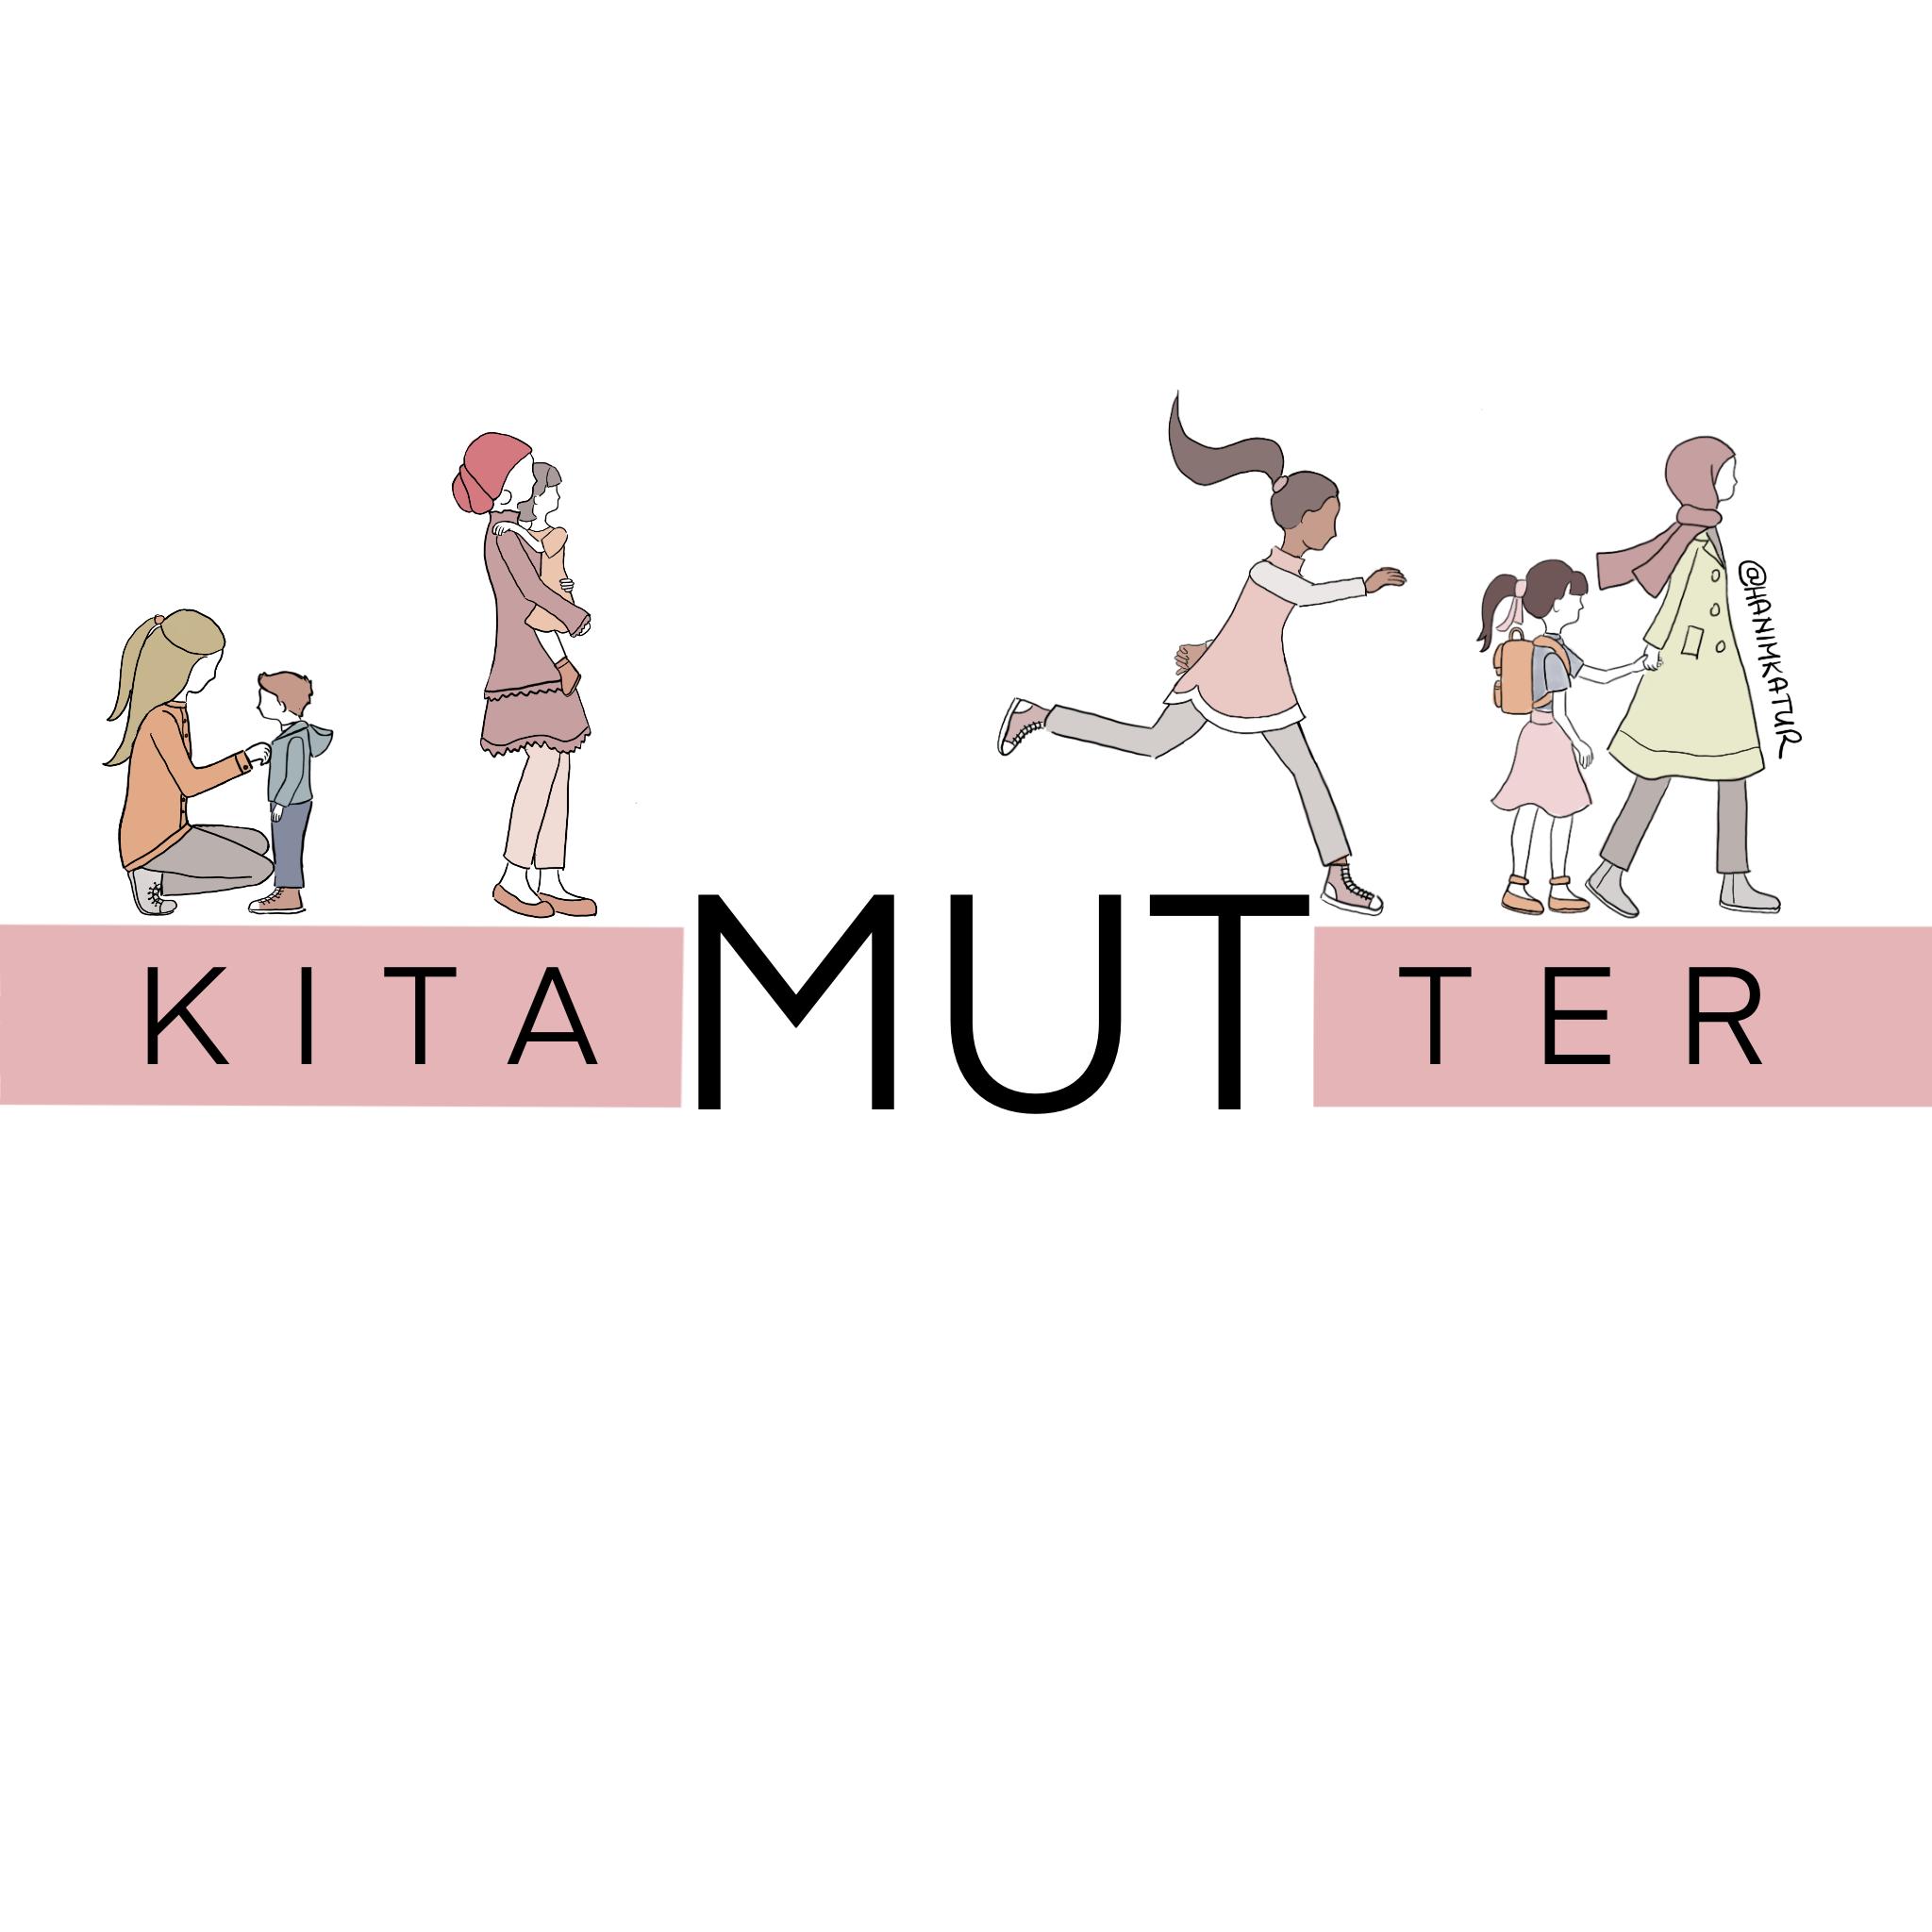 KitaMUTter-fördern. stärken. ermutigen.